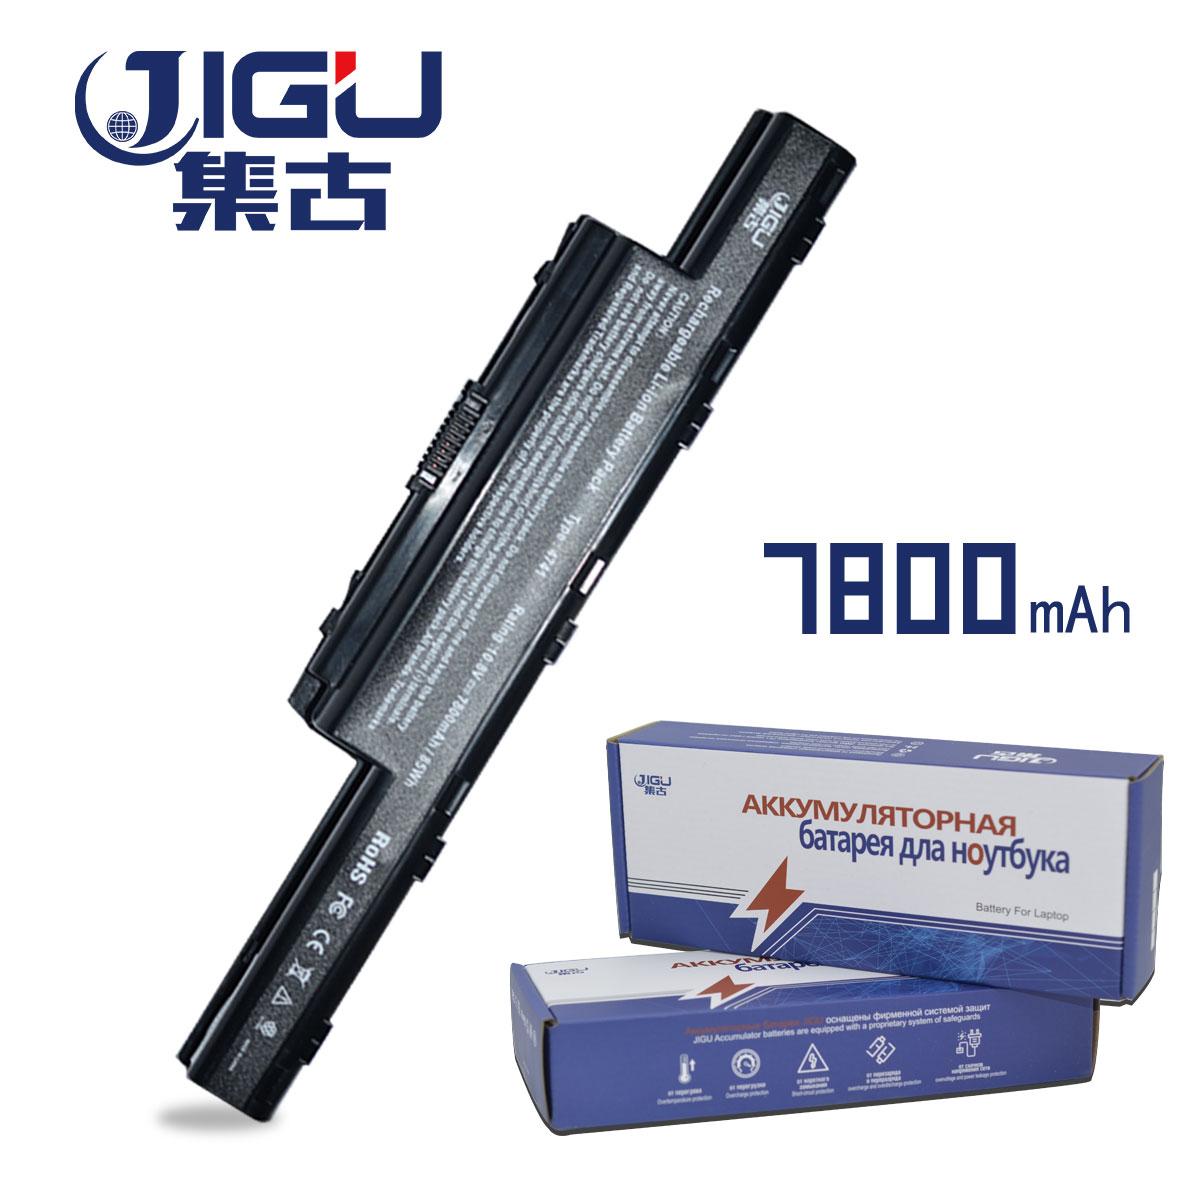 JIGU Laptop Battery For Acer Aspire V3 V3-471 V3-551 G V3-571 V3-731 V3-771 FOR EMachines E732 FOR TravelMate 4370 4740 9 CELLS